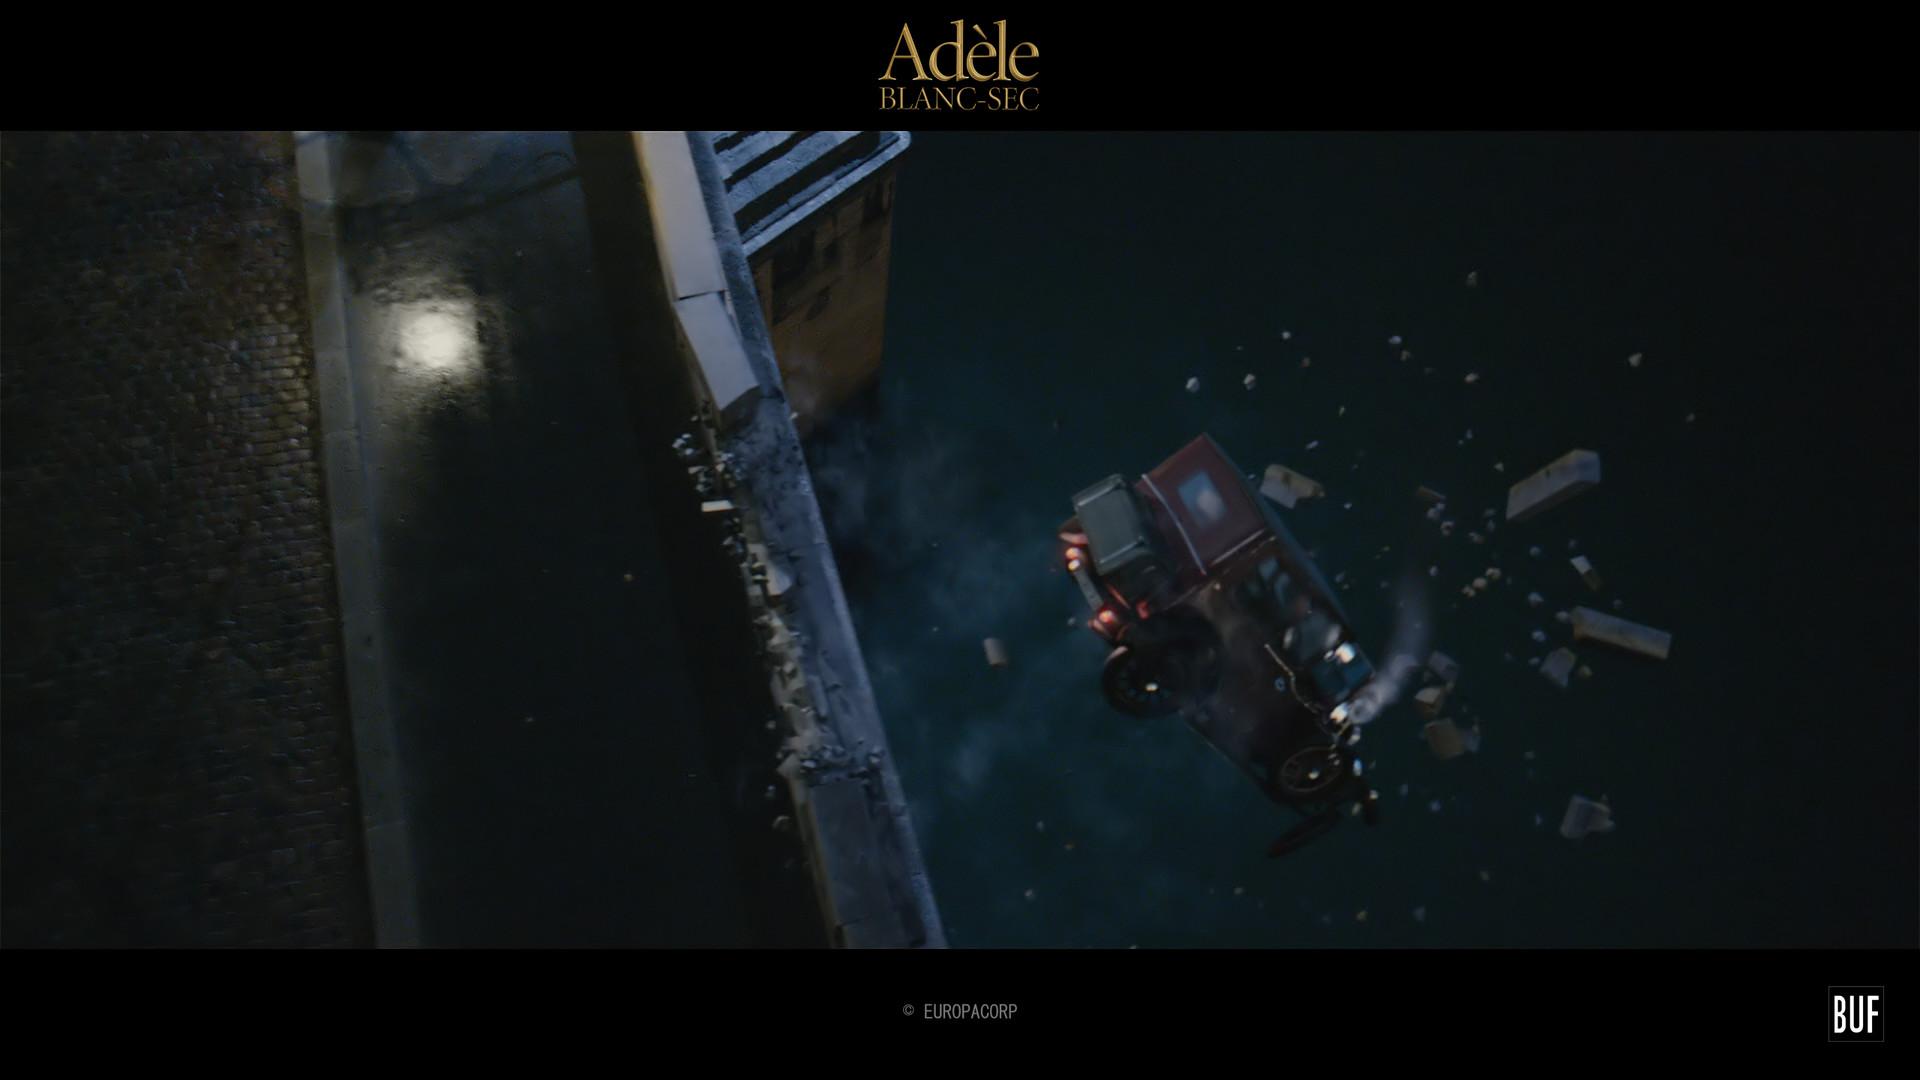 Nicolas boulaire seq dino bridge attack 008